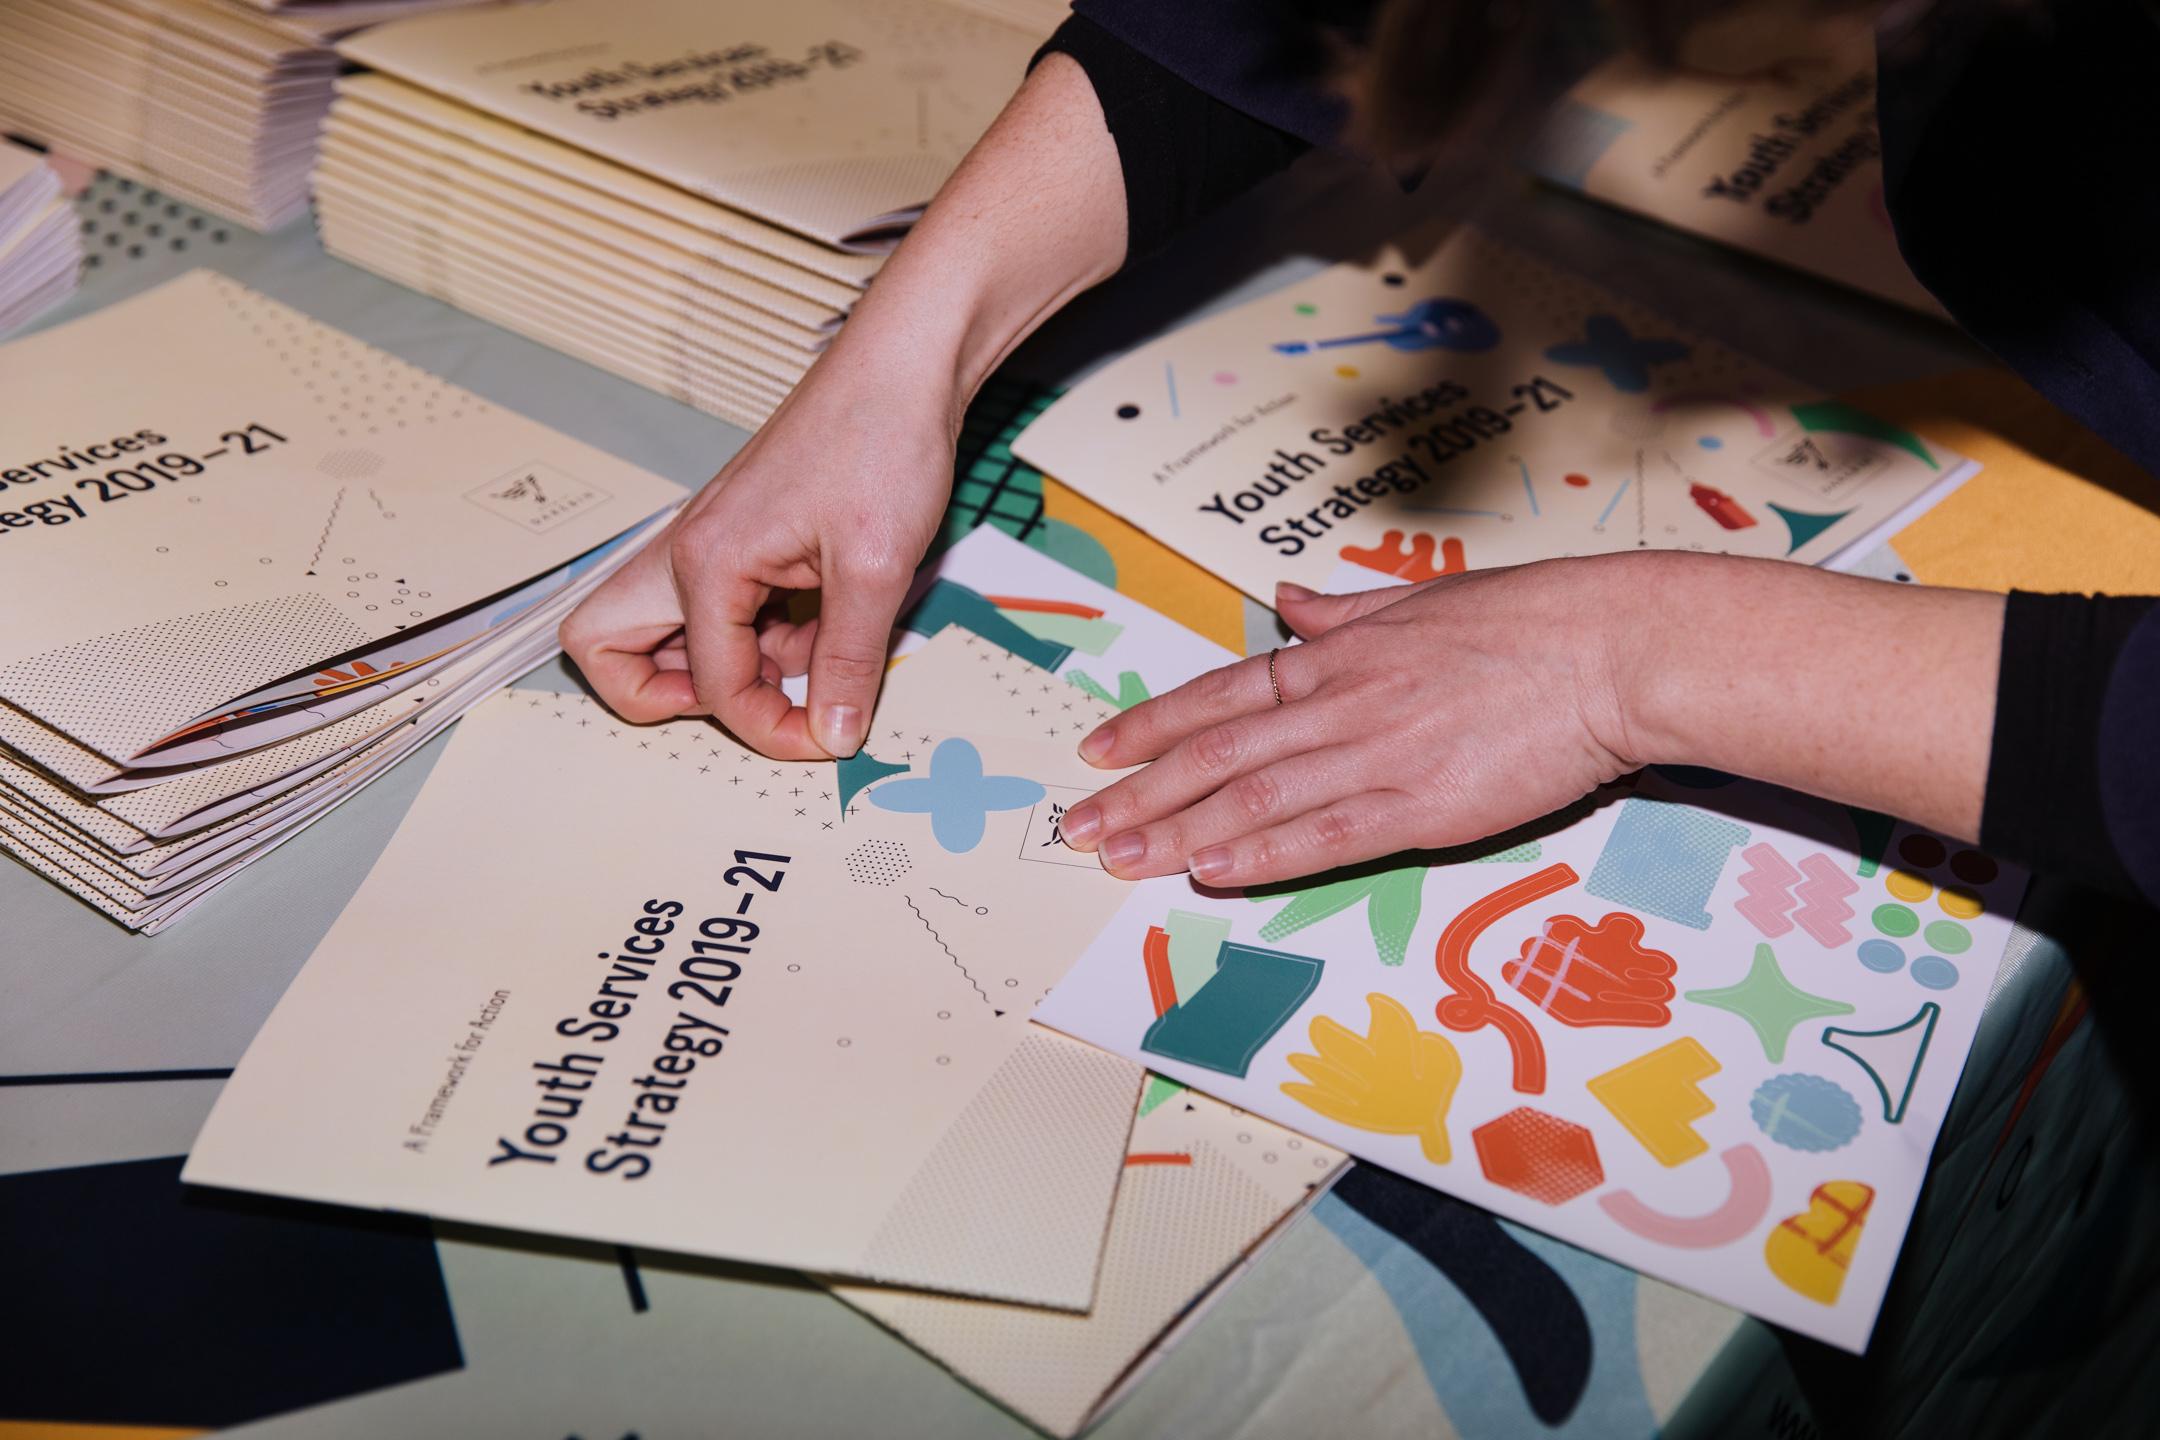 public-journal-darebin-youth-strategy-launch-2